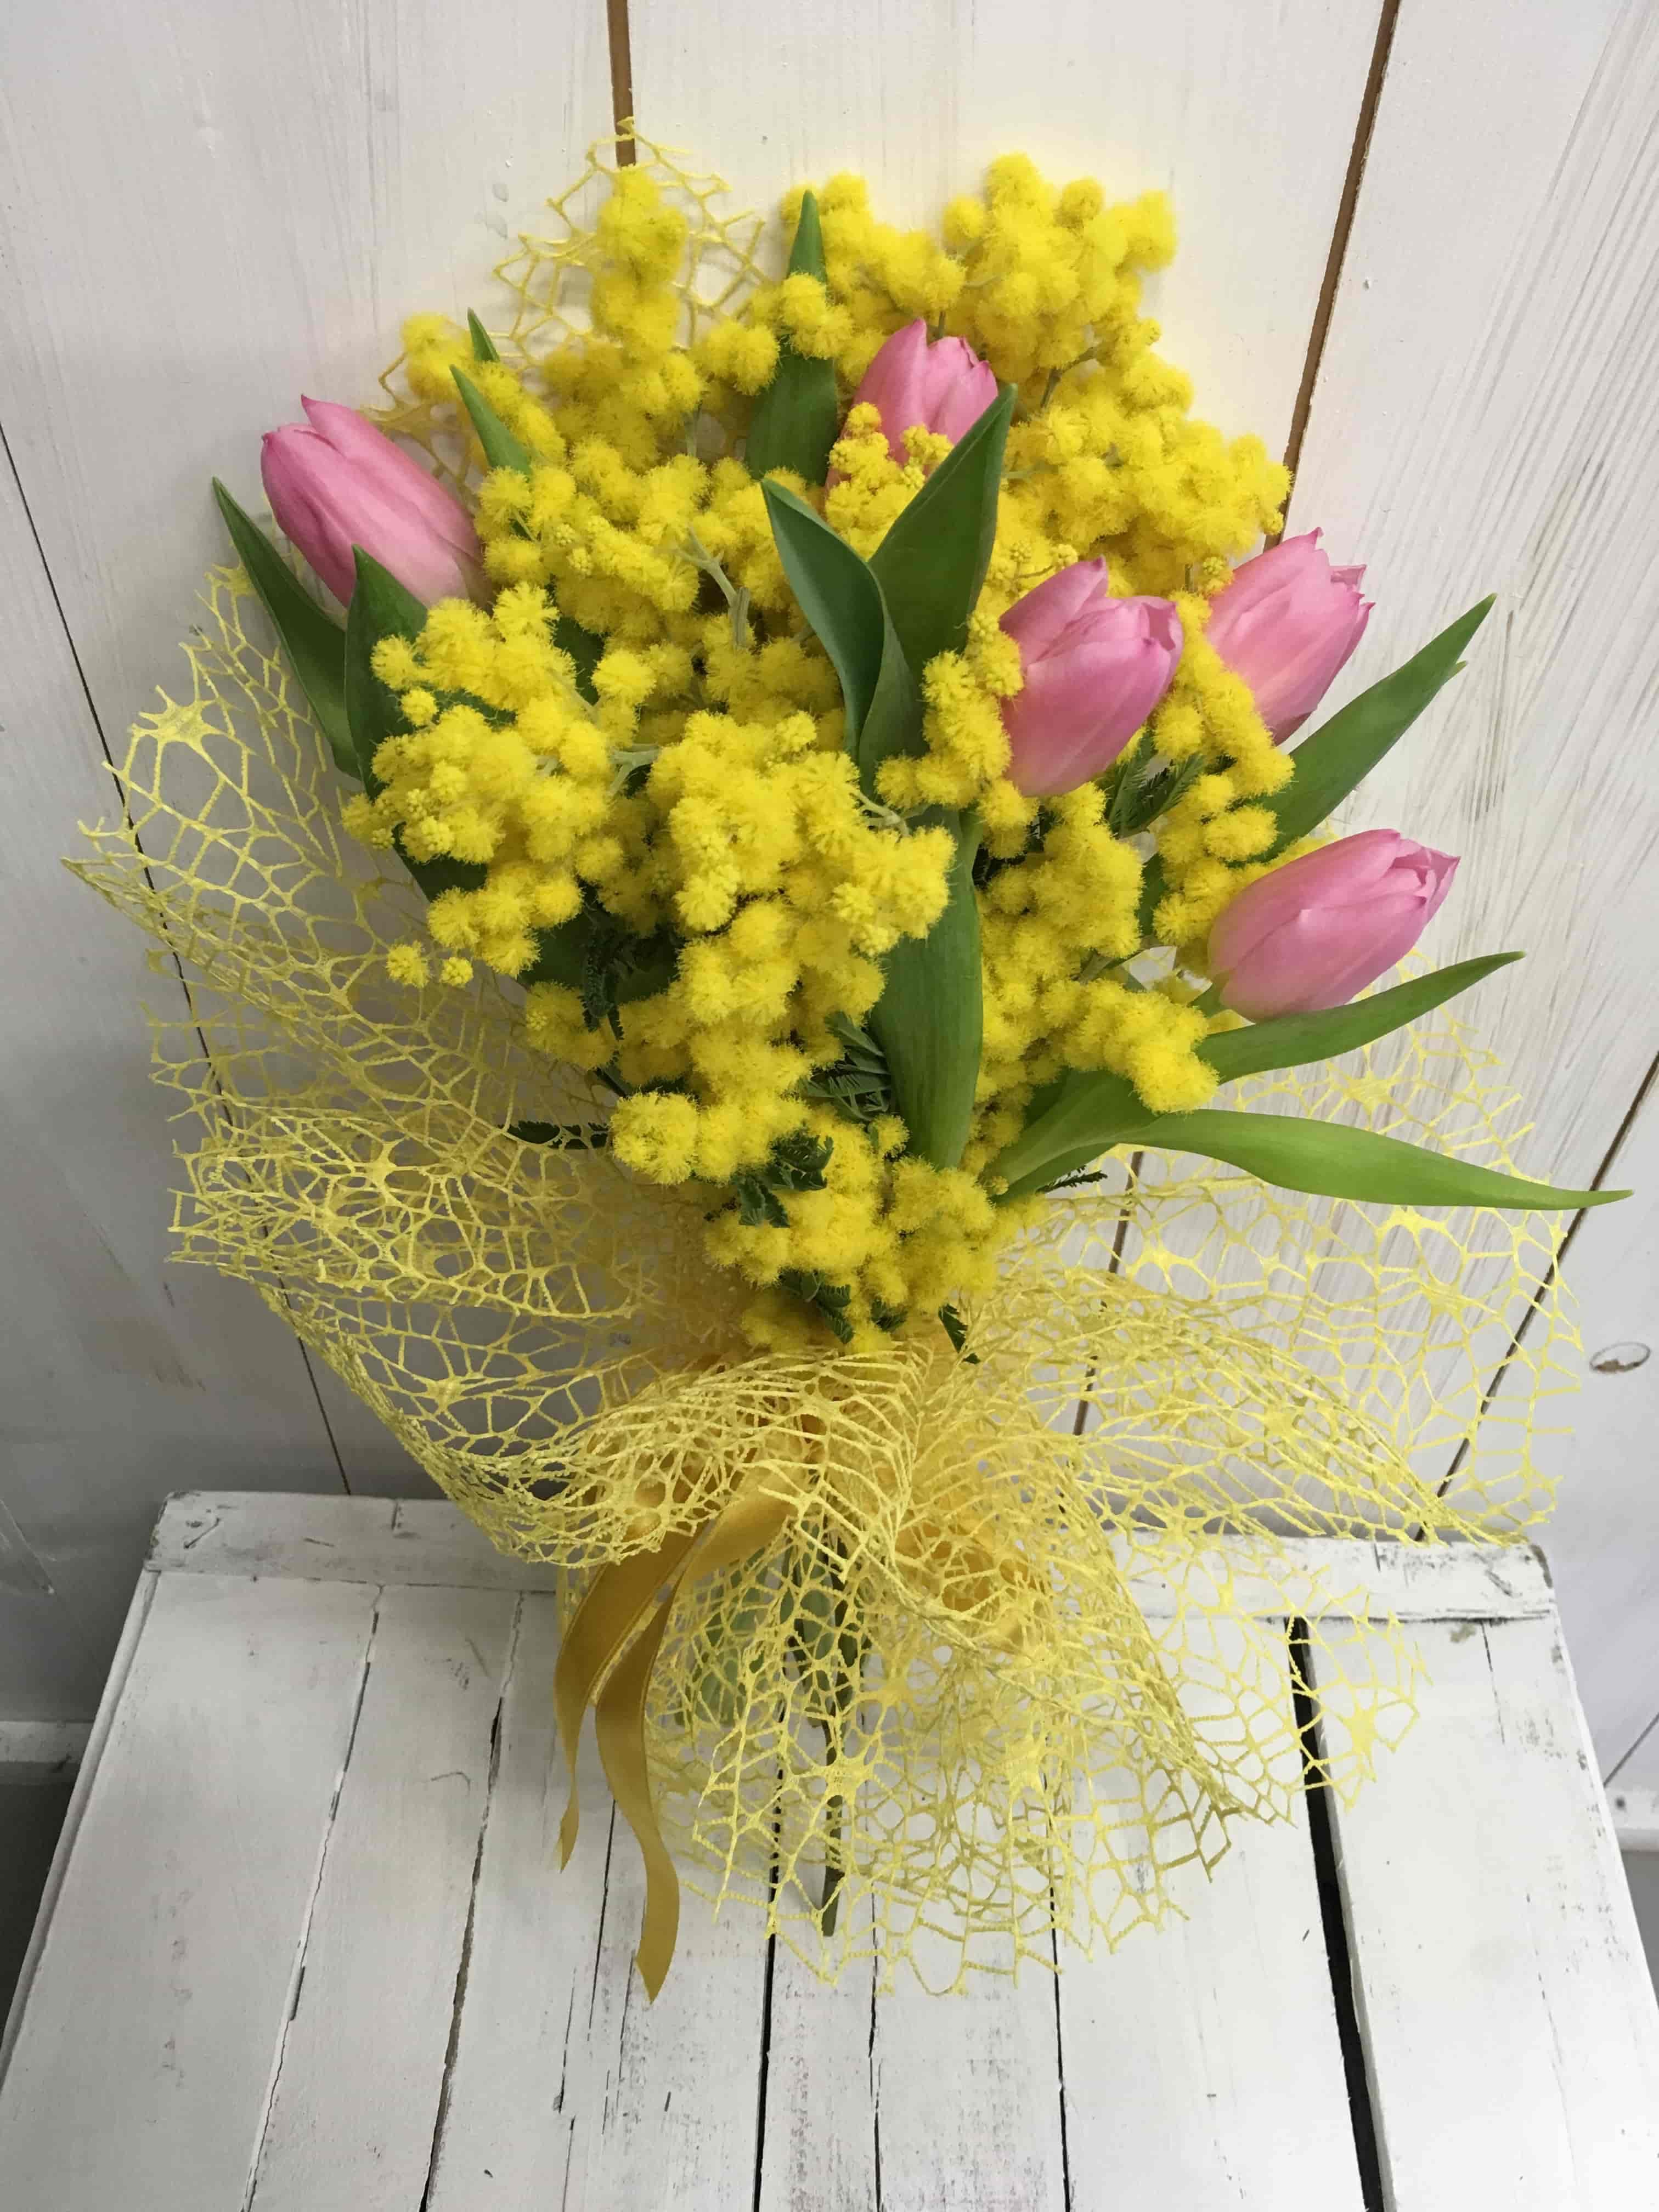 Mazzo Di Fiori Con Mimose.Bouquet Di Tulipani Con Mimosa Fiorista Cilloni Reggio Emilia